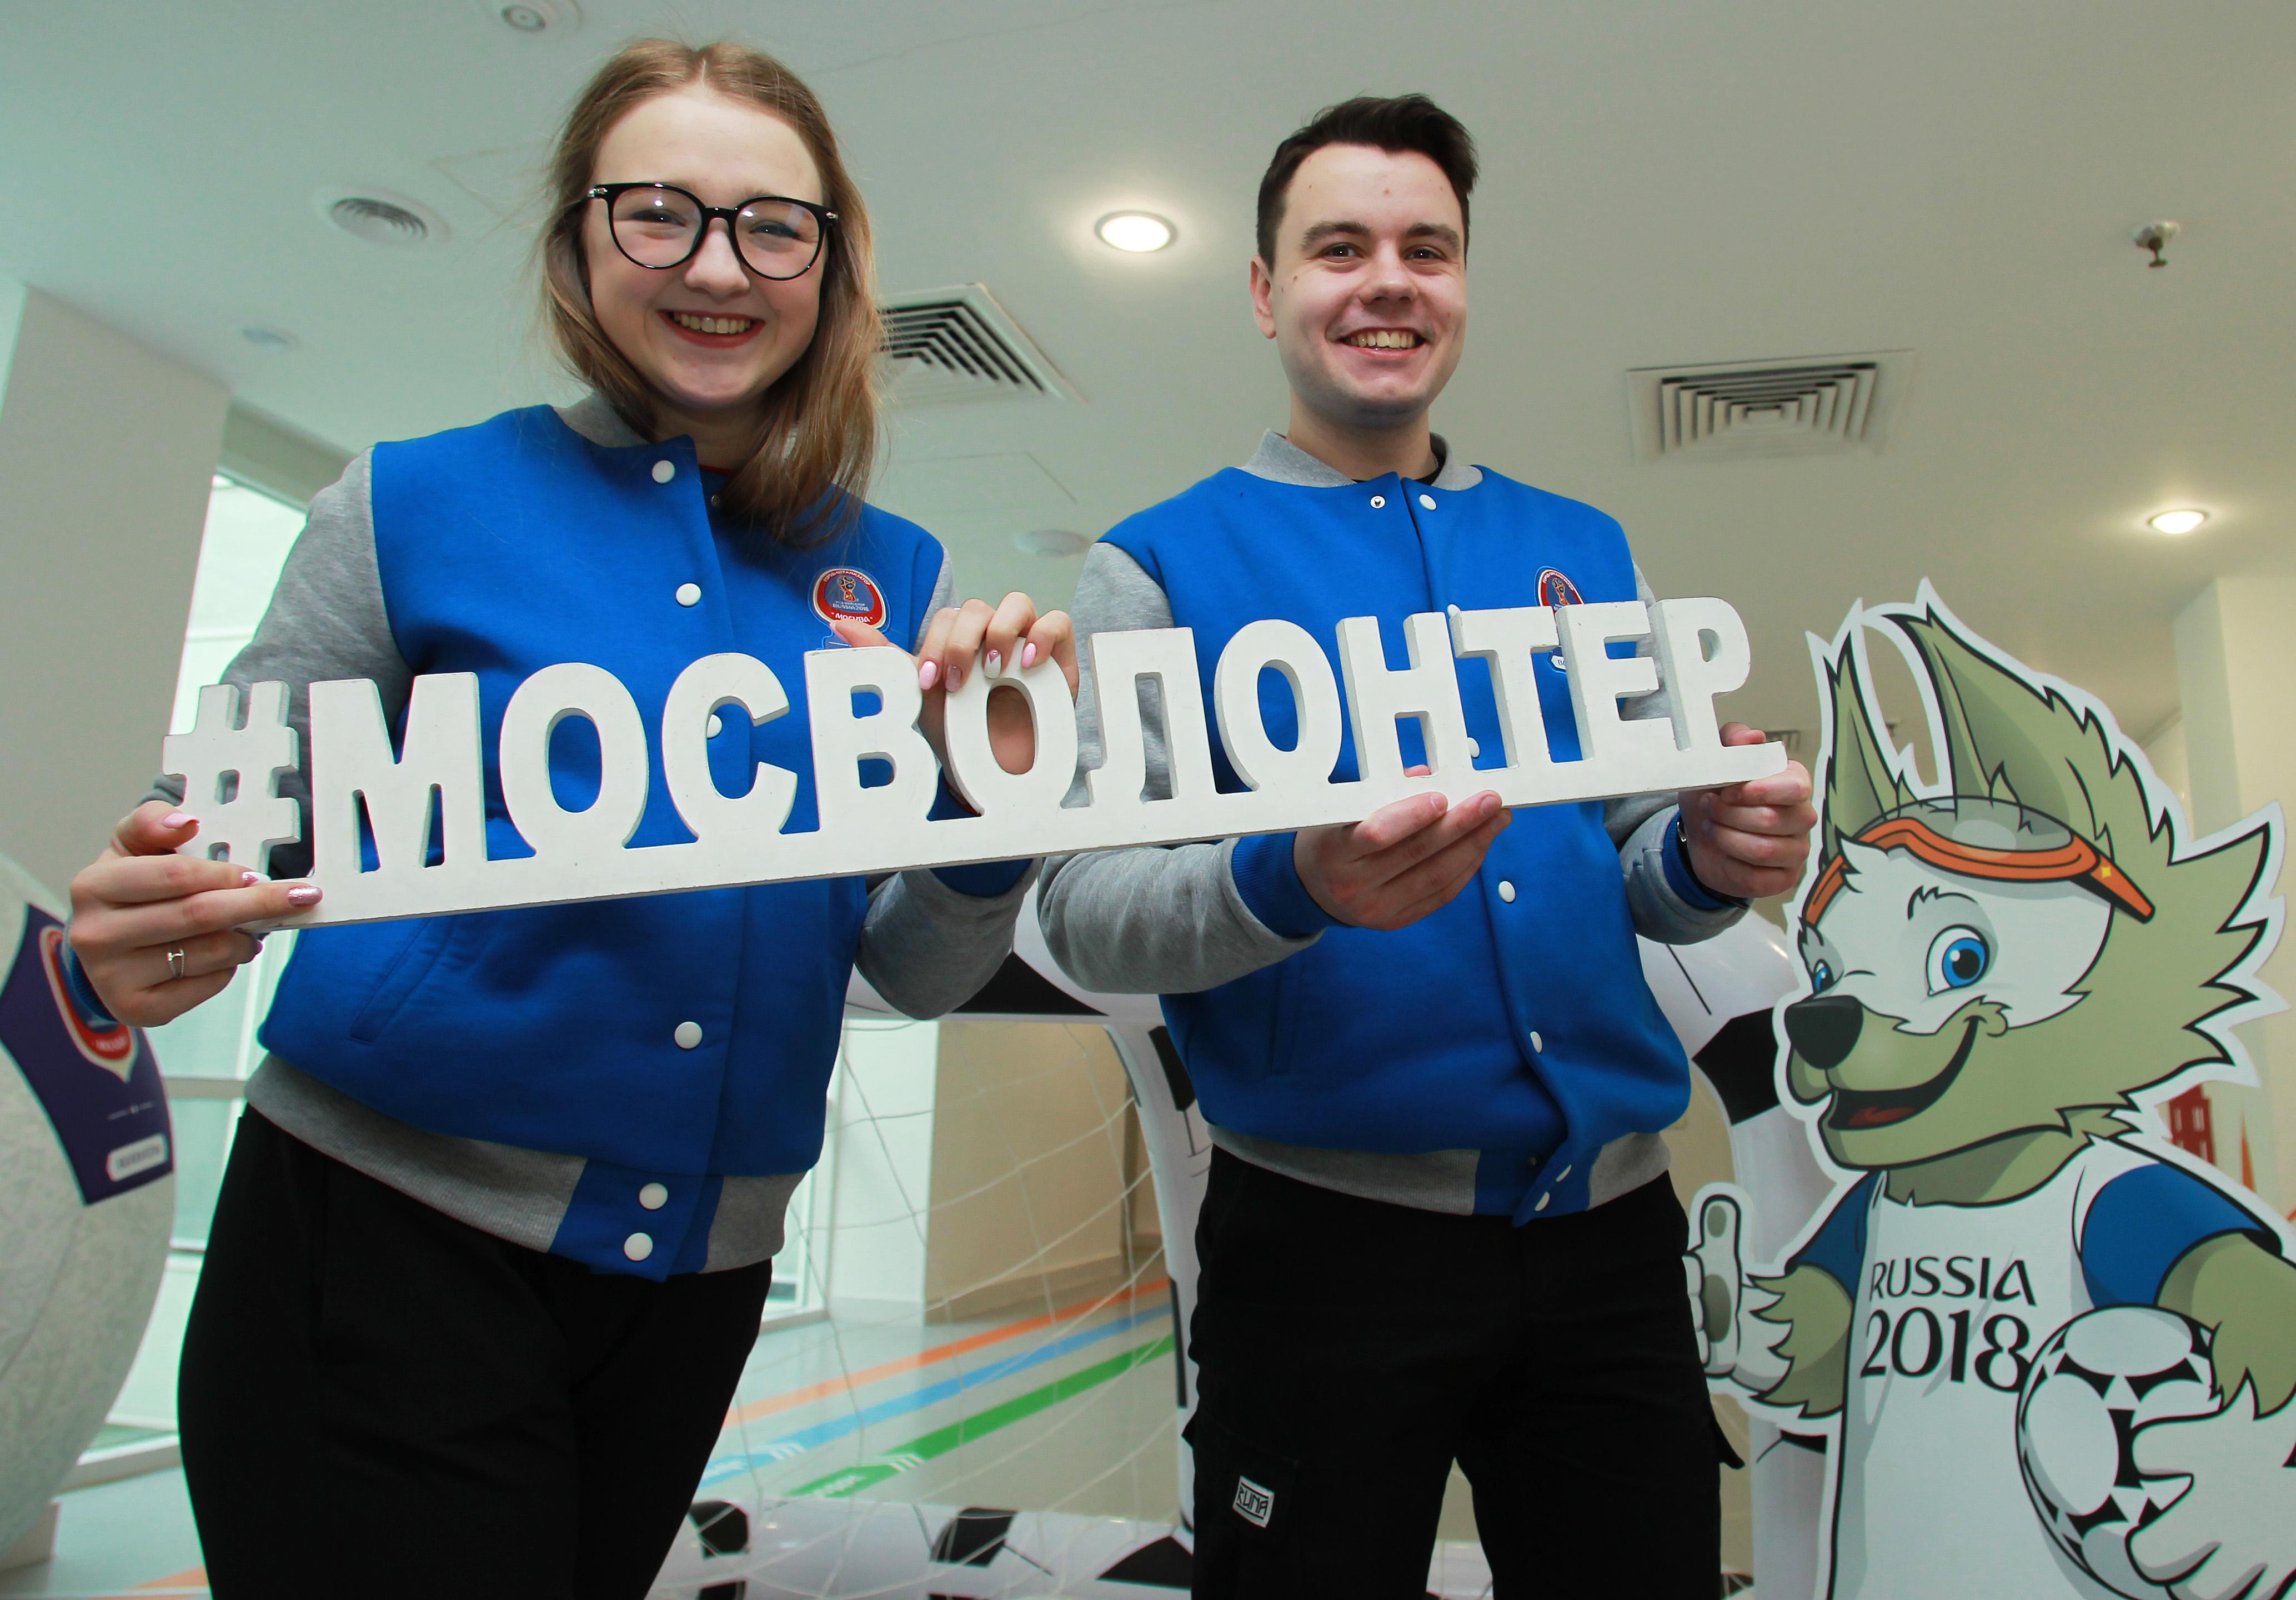 Волонтеры Виктория Власова и Сергей Колесник. Фото: Наталия Нечаева